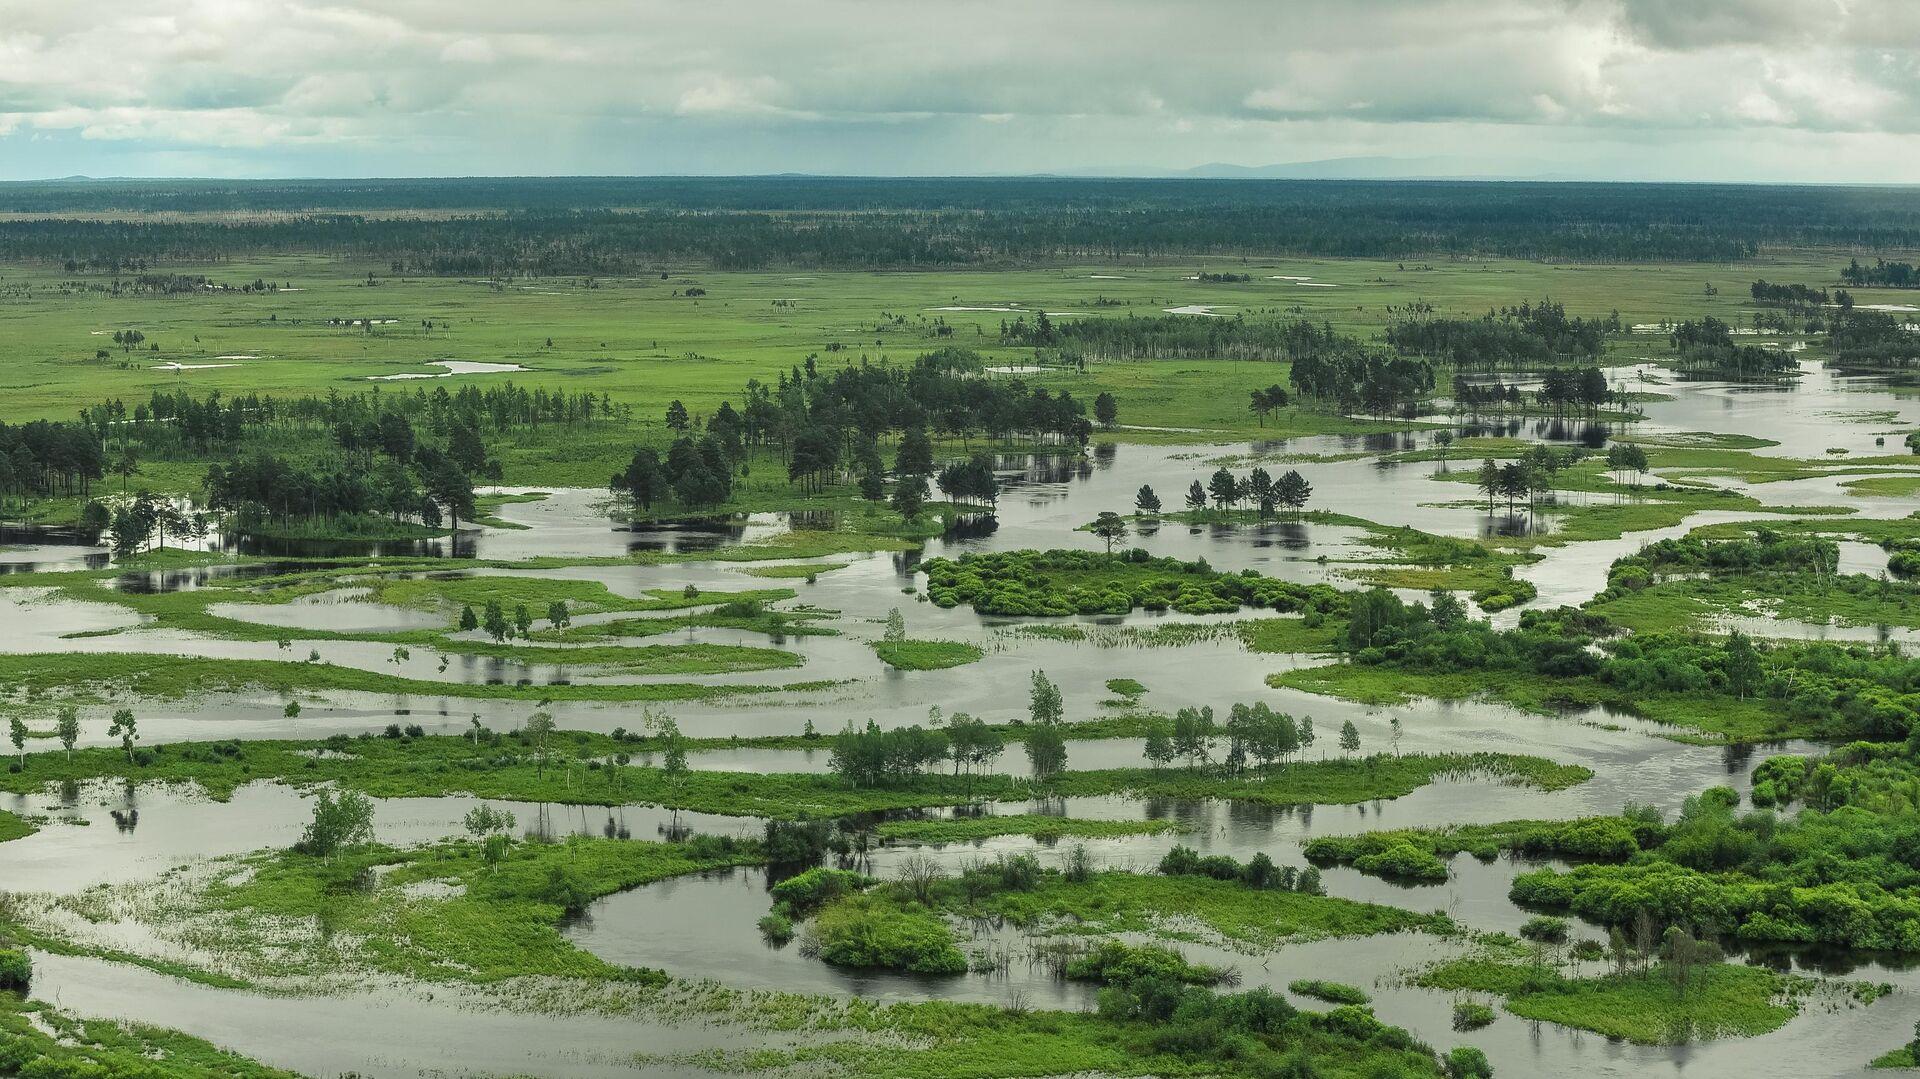 Территория, затопленная в результате разлива реки Селемджа, в Селемджинском районе Амурской области - РИА Новости, 1920, 21.06.2021